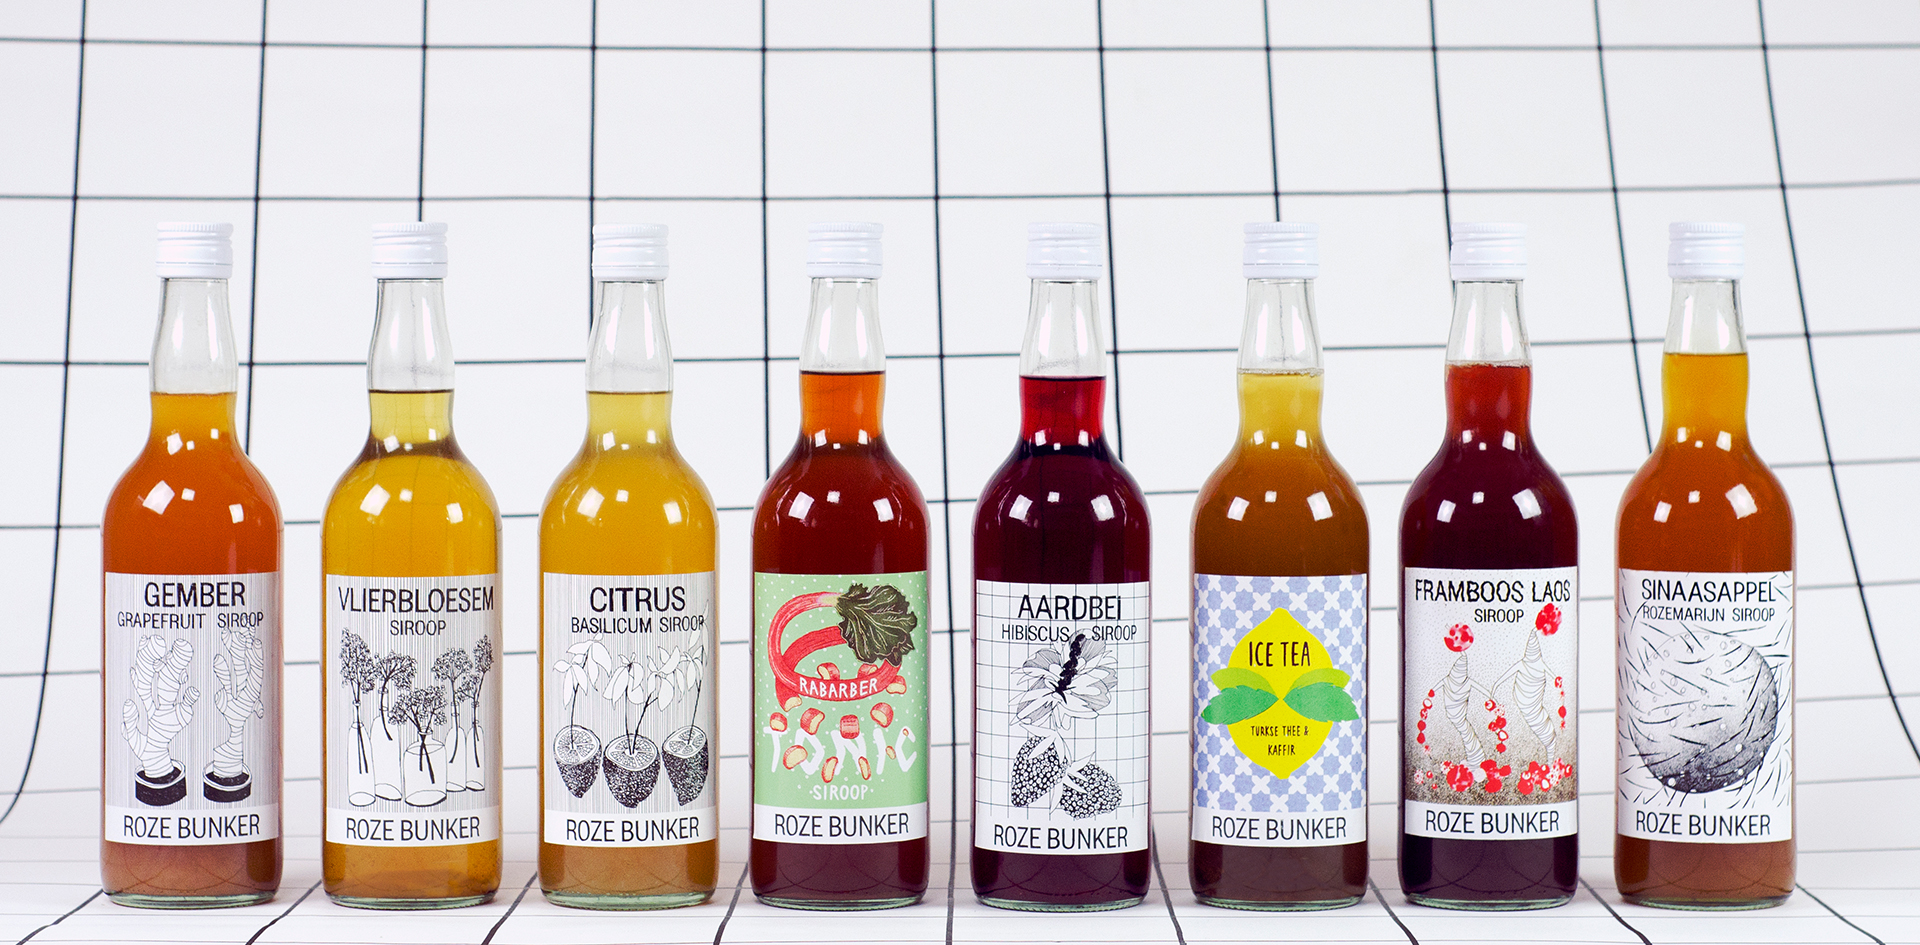 nectar-utrecht-frisdrank-siropen-producent-nederland-streekproduct-utrecht-roze-bunker-assortiment